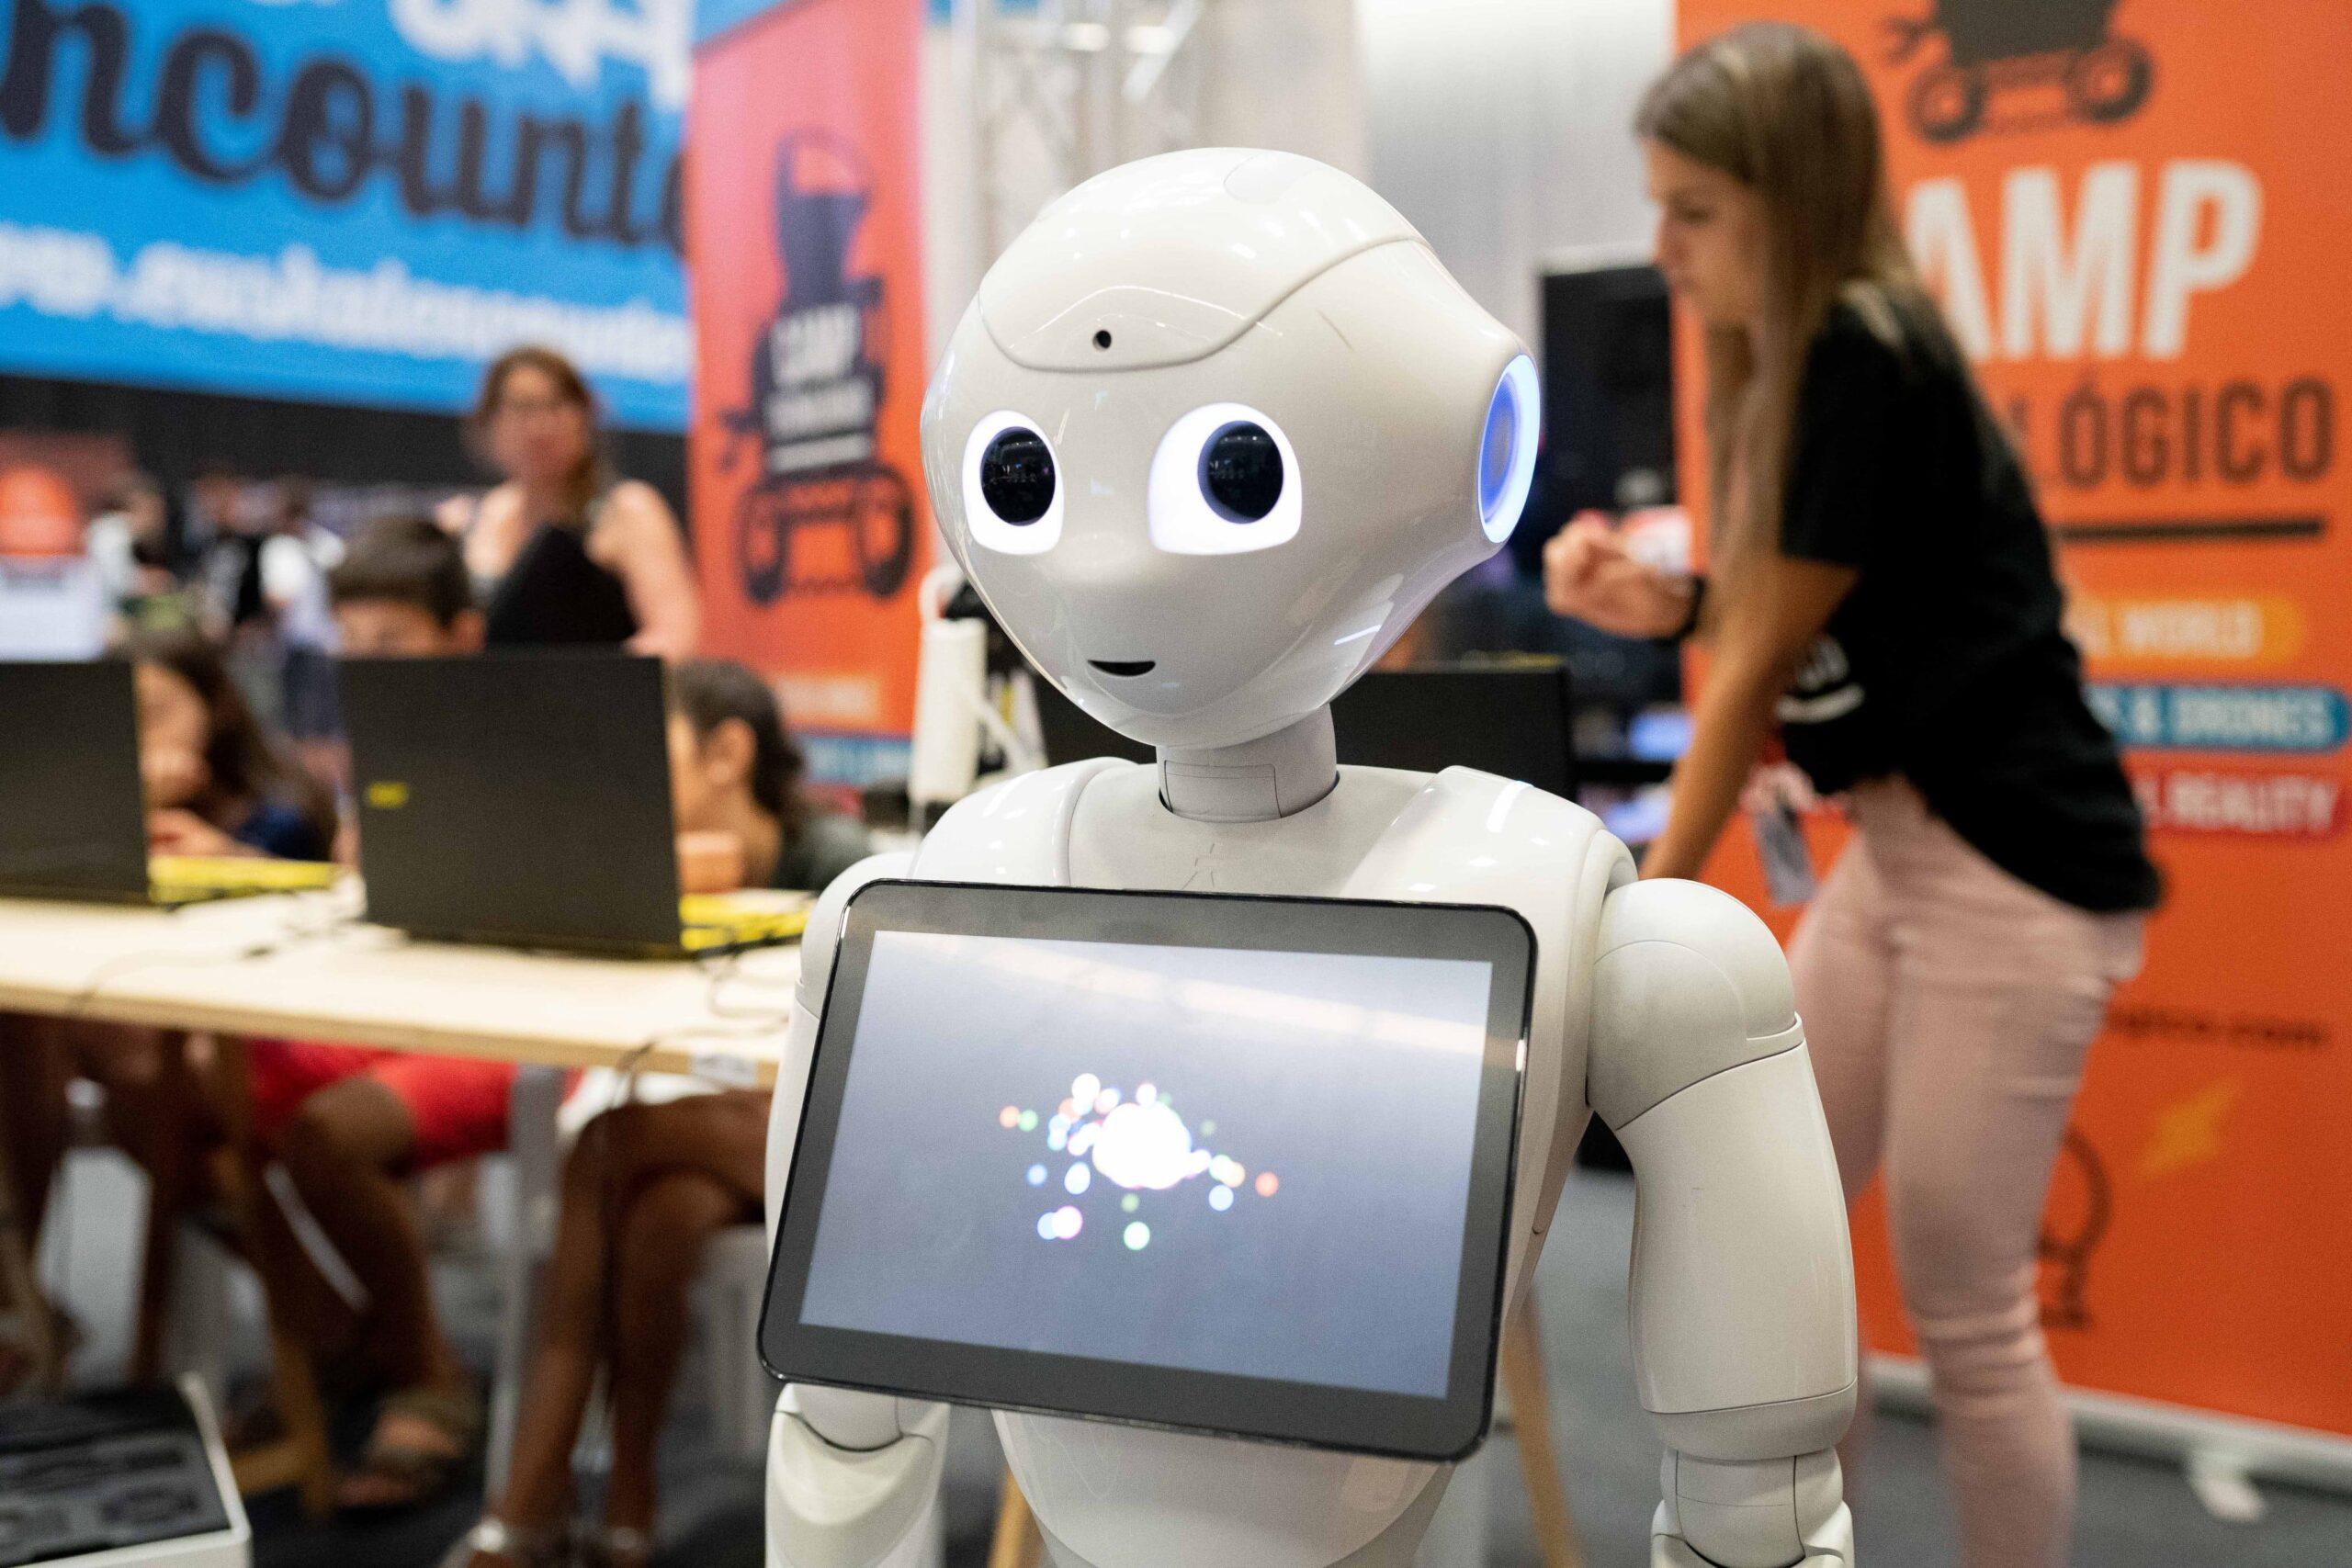 Los robots y la tecnología son el futuro de nuestras profesiones